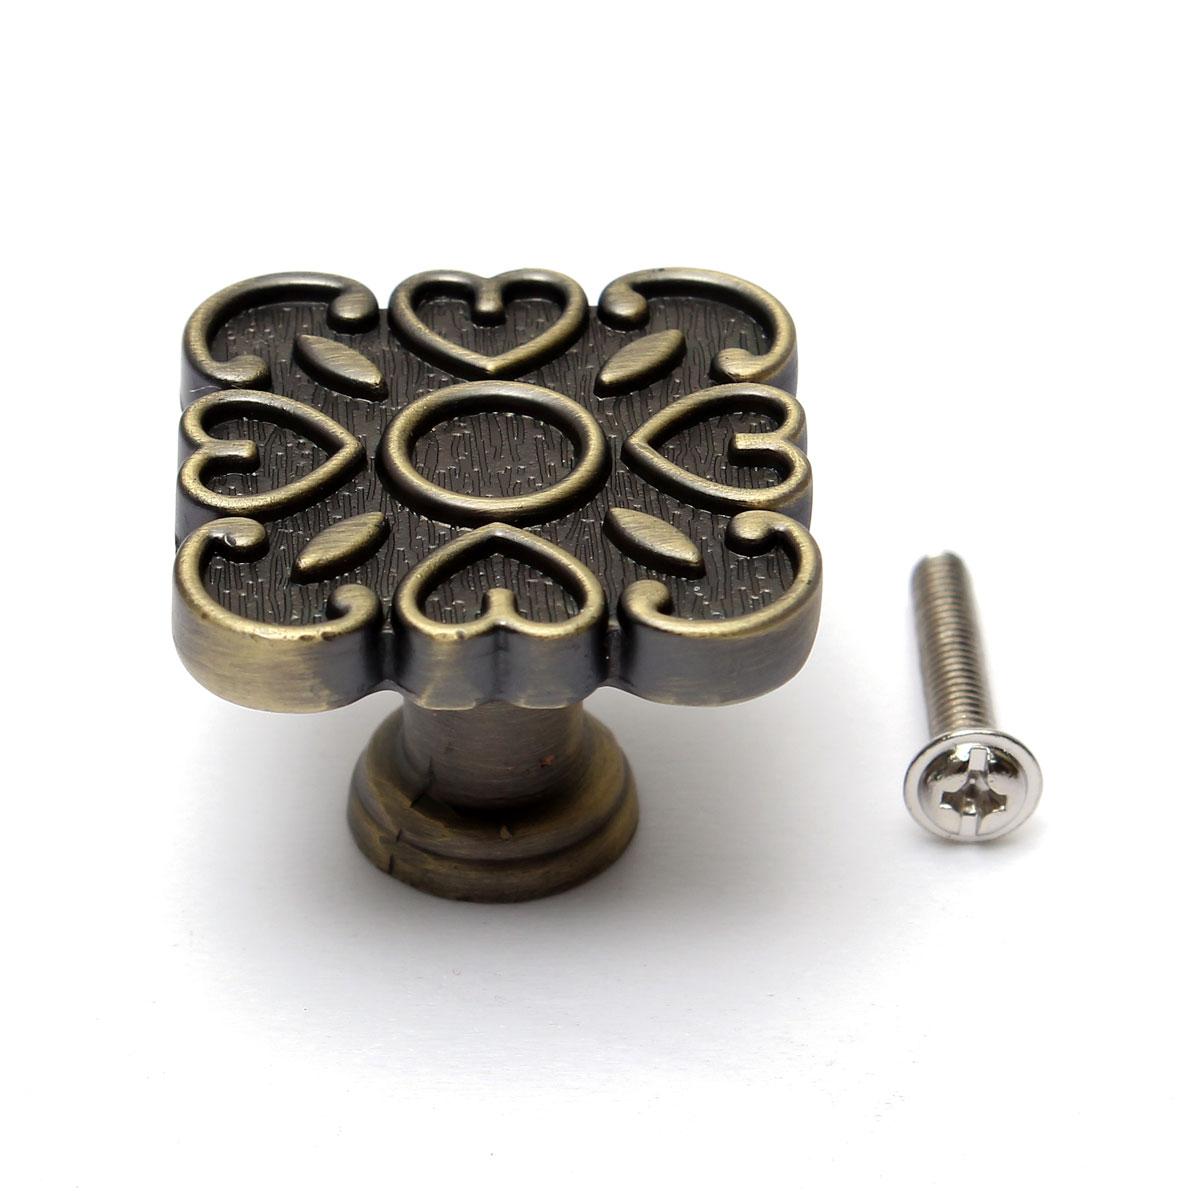 bronze cabinet drawer door hardware 64 96 128mm handle pulls round square knobs ebay. Black Bedroom Furniture Sets. Home Design Ideas